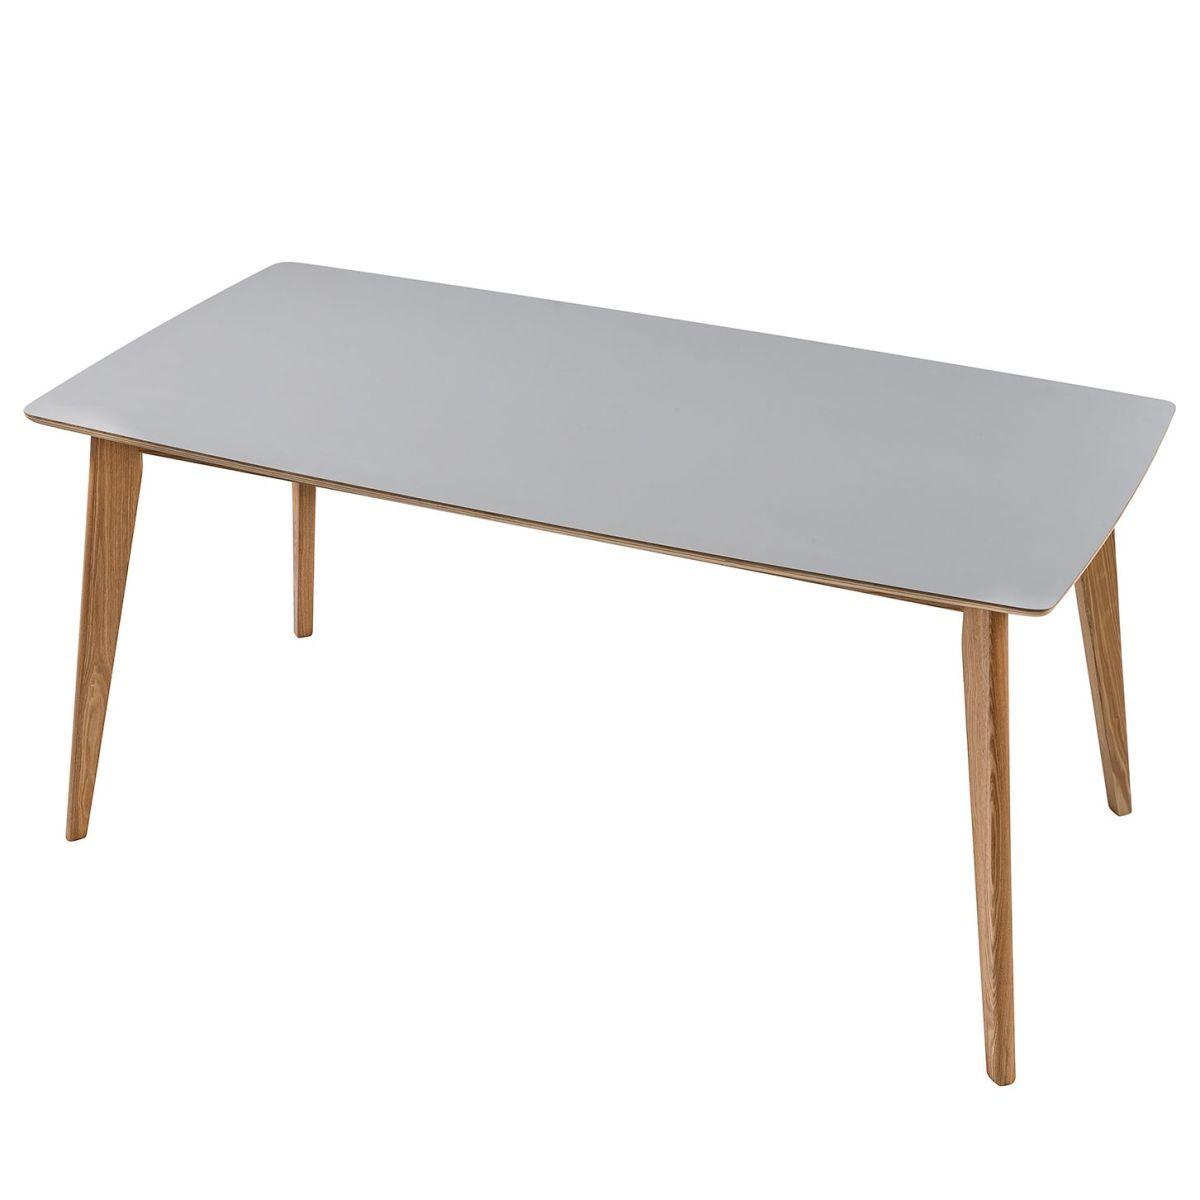 Esstisch Clochau - Esche teilmassiv - Grau / Esche - 160 x 80 cm ...